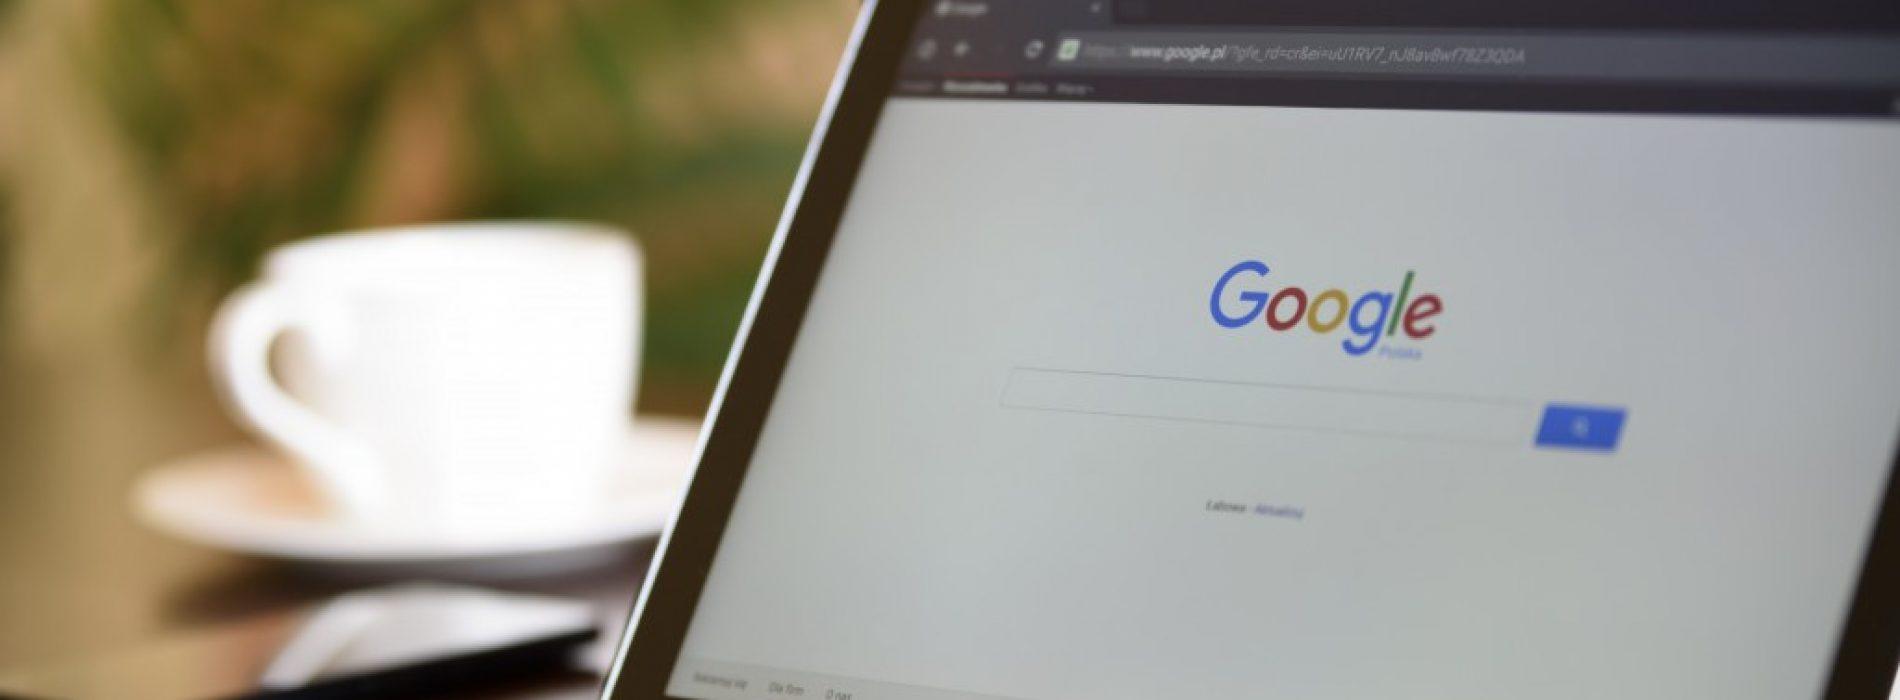 5 интересни факта за необичайния мениджмънт на Google и полезните изводи от тях